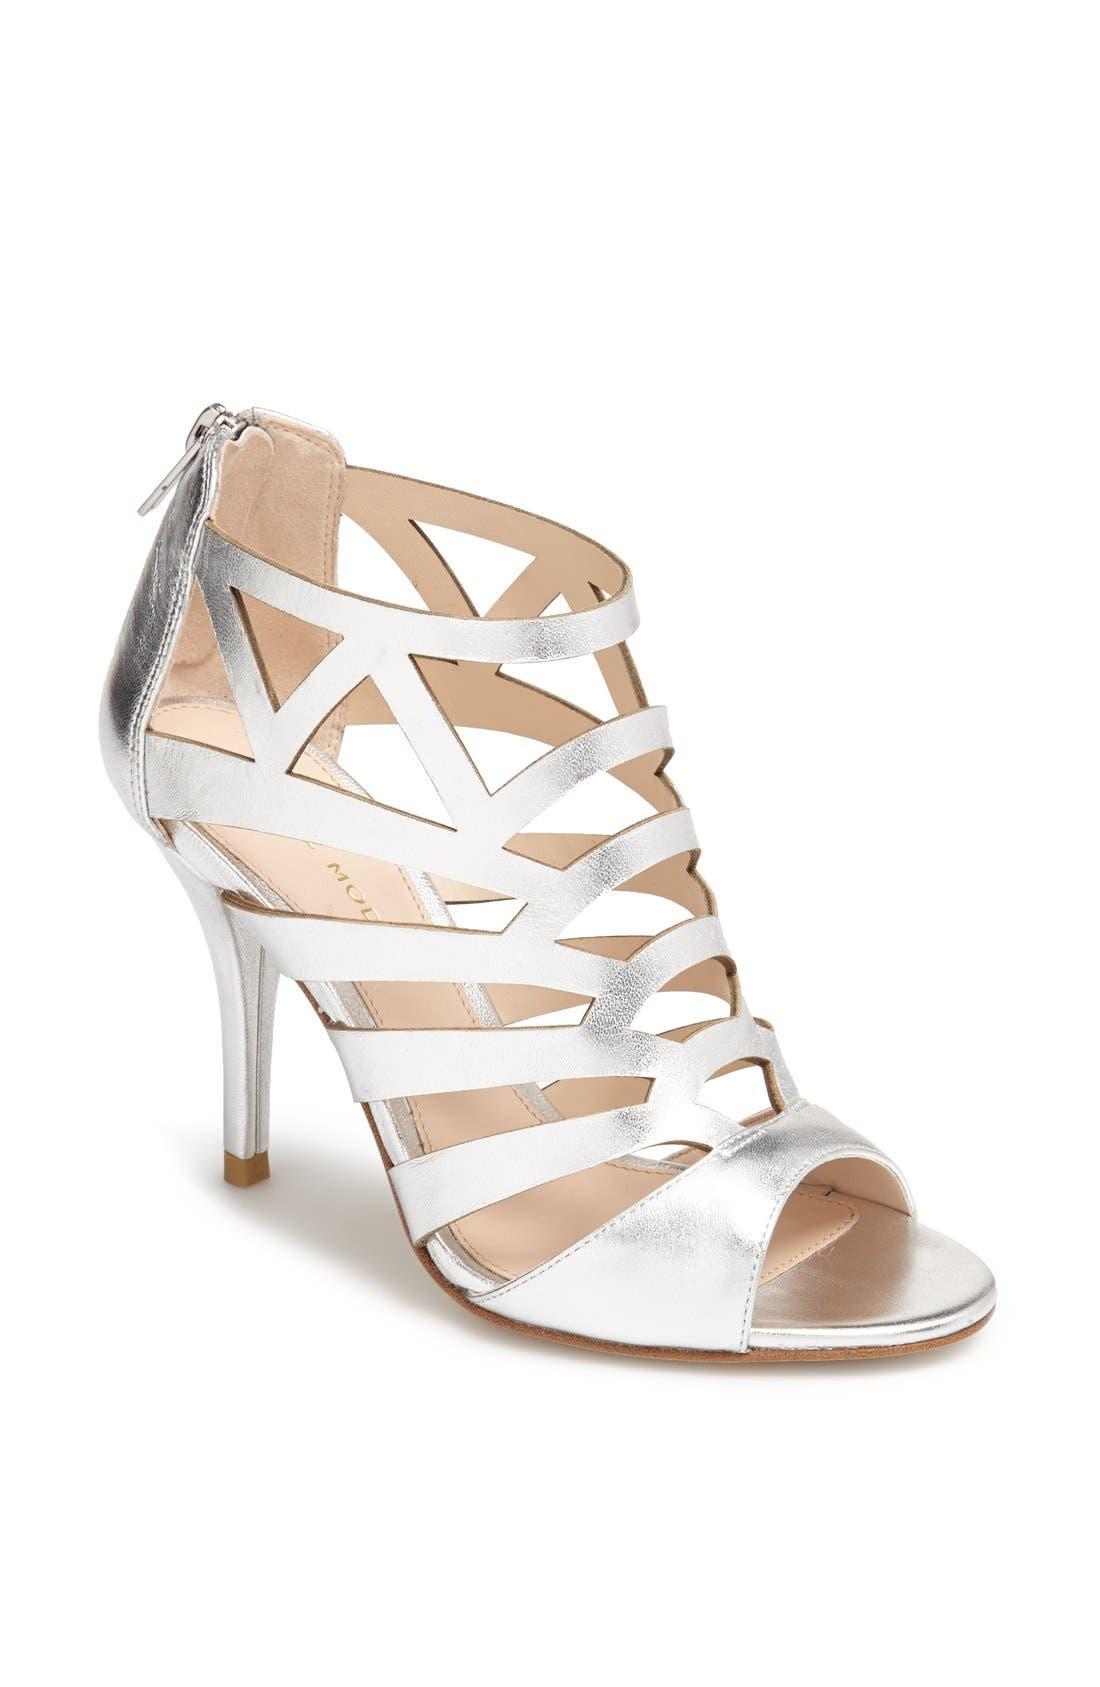 Alternate Image 1 Selected - Pelle Moda 'Elham' Sandal